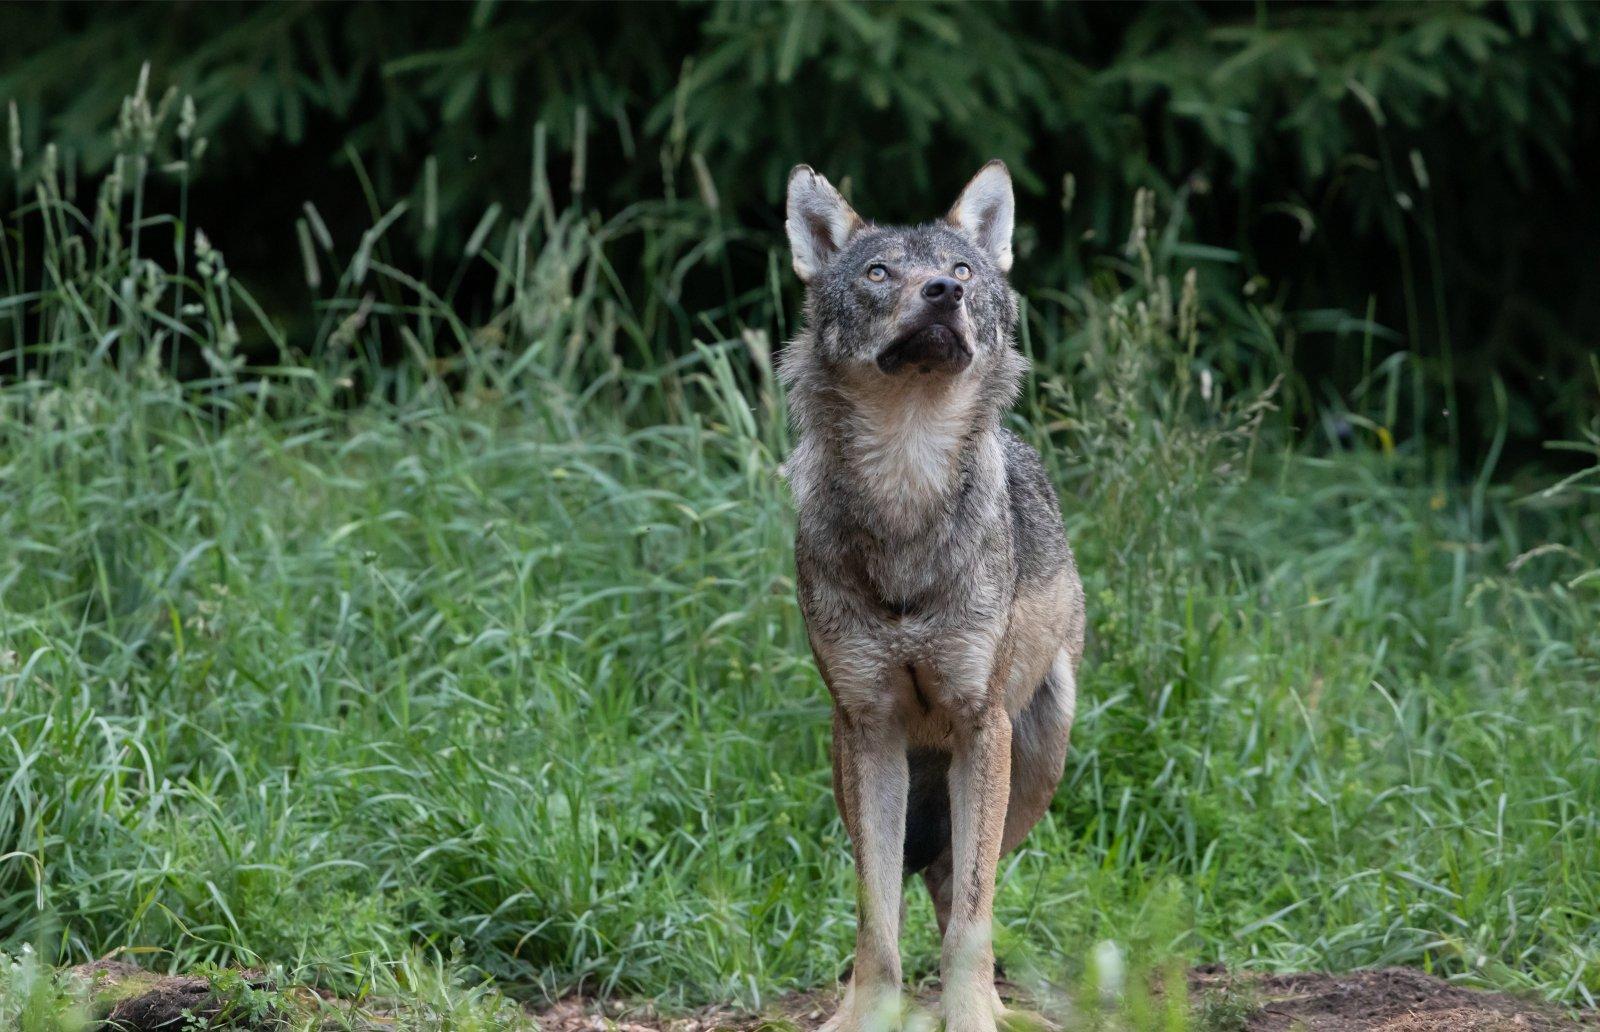 Keskkonnaamet kutsub üles mõistlikkusele huntide küttimisel: